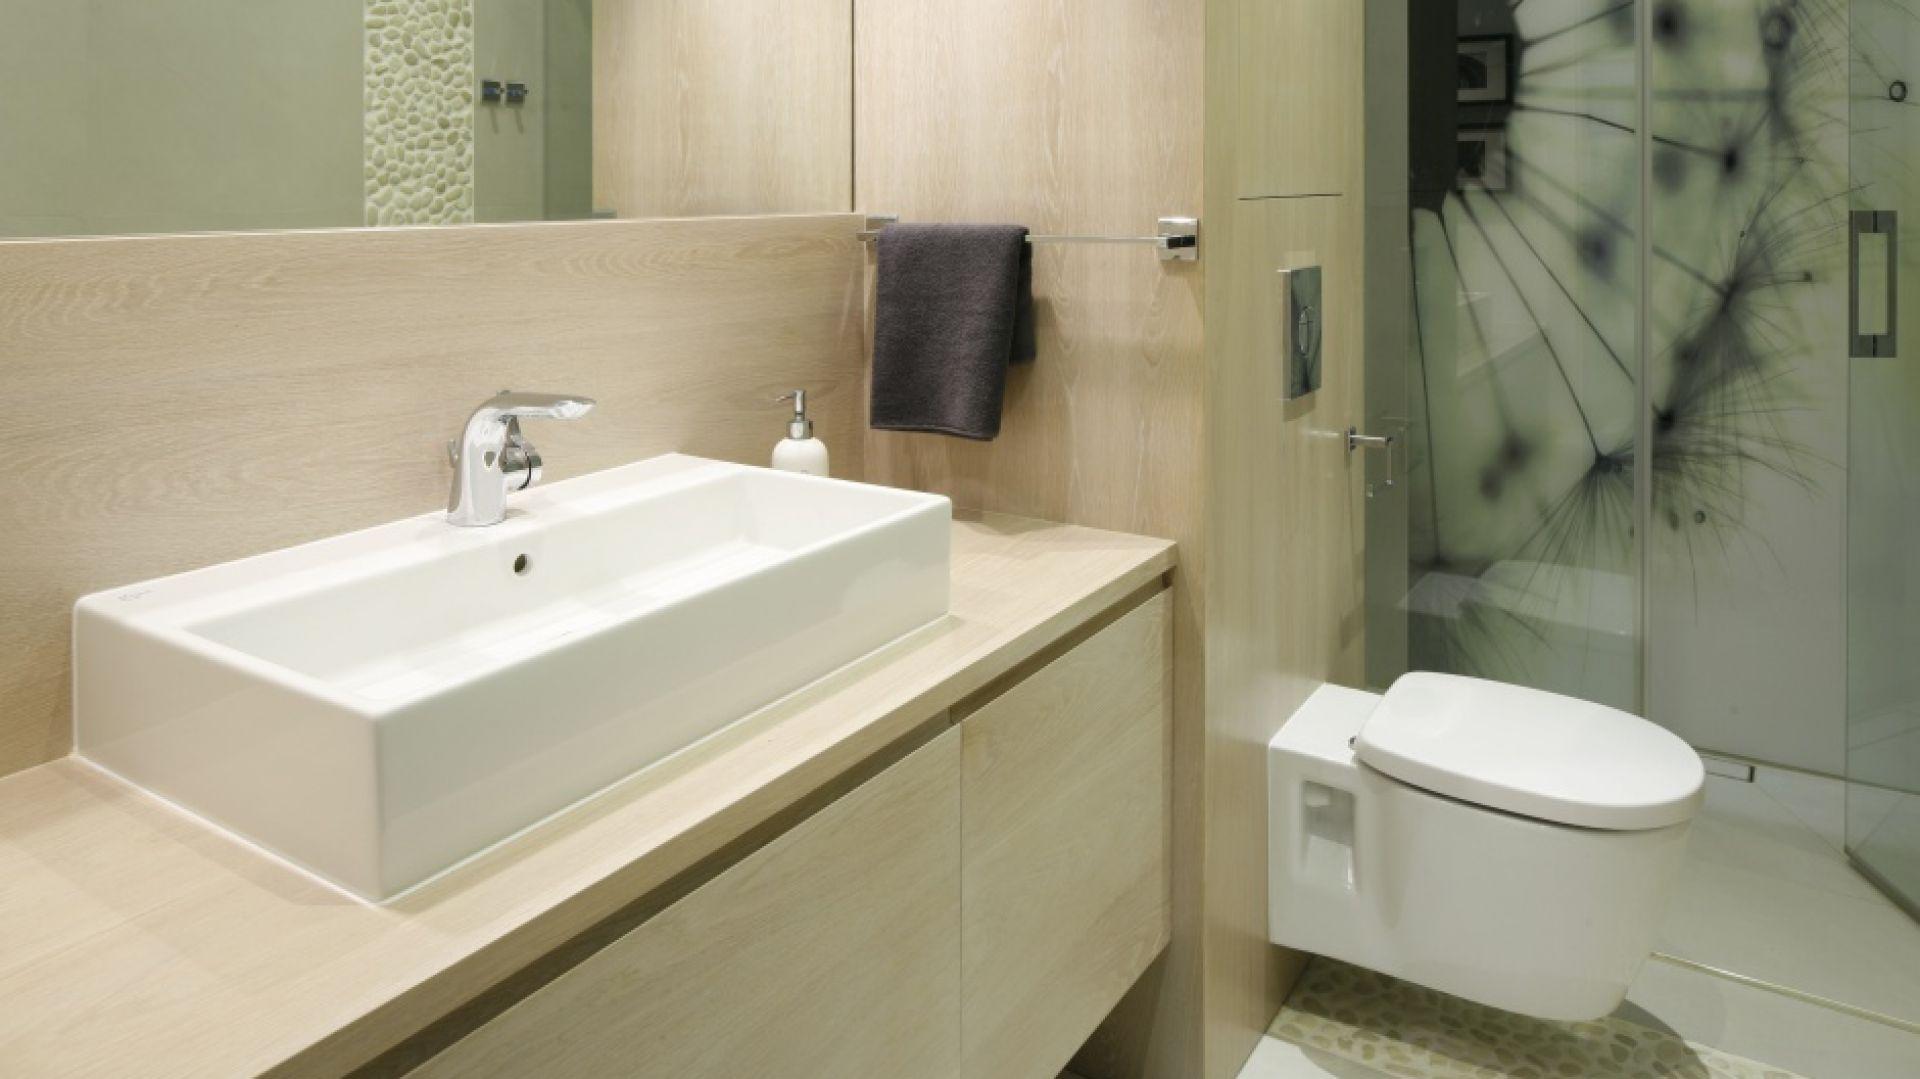 Mała i wąska łazienka jest jasna, dzięki czemu wydaje się znacznie przestronniejsza. Projekt: Małgorzata Galewska. Fot. Bartosz Jarosz